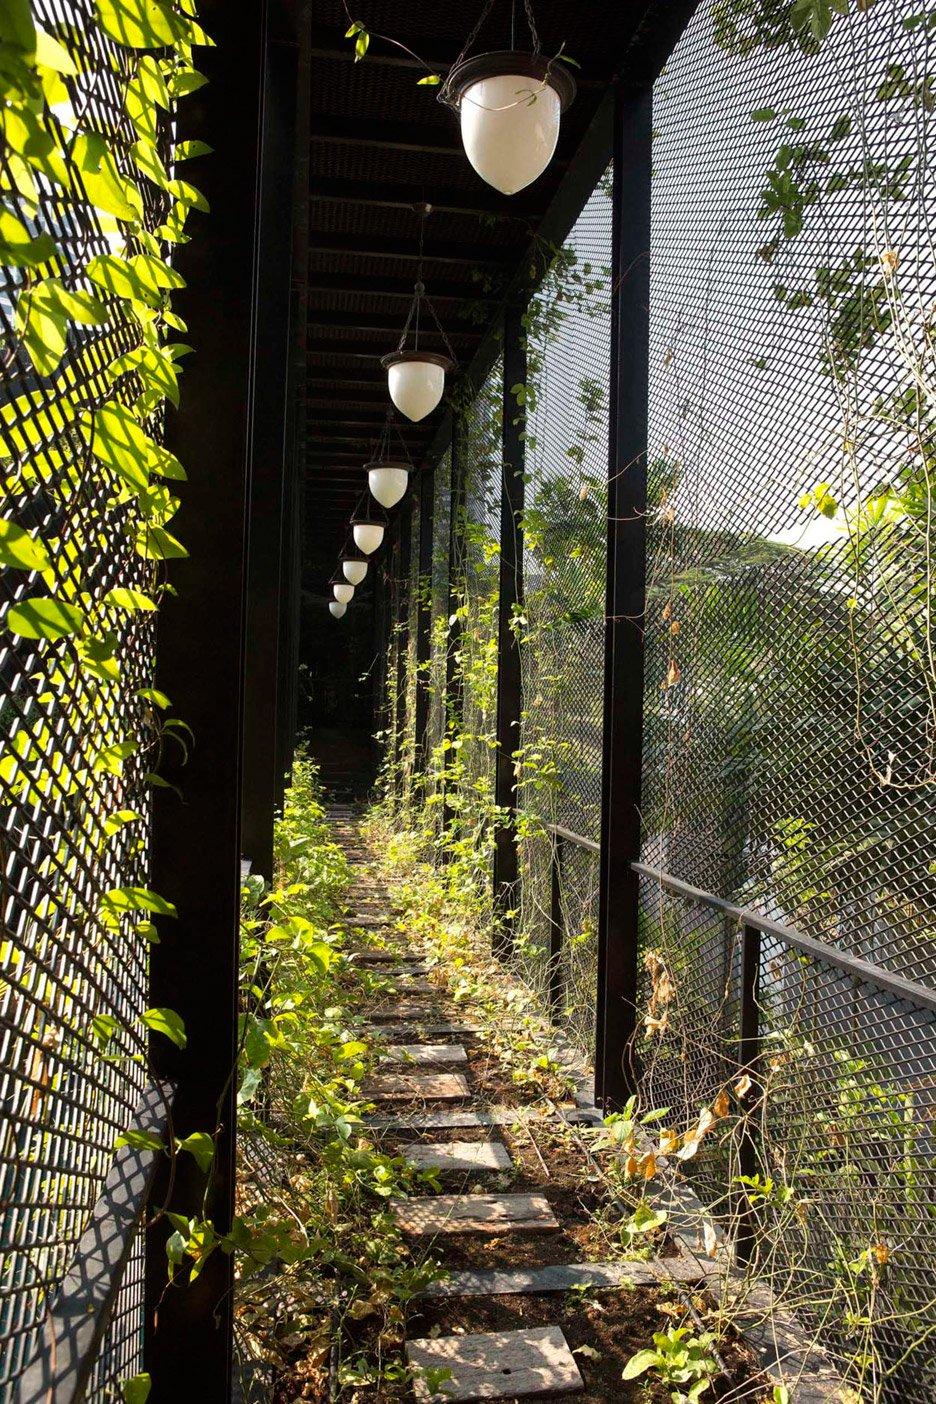 07-telhado-verde-escalonado-abraca-a-piscina-em-casa-em-cingapura